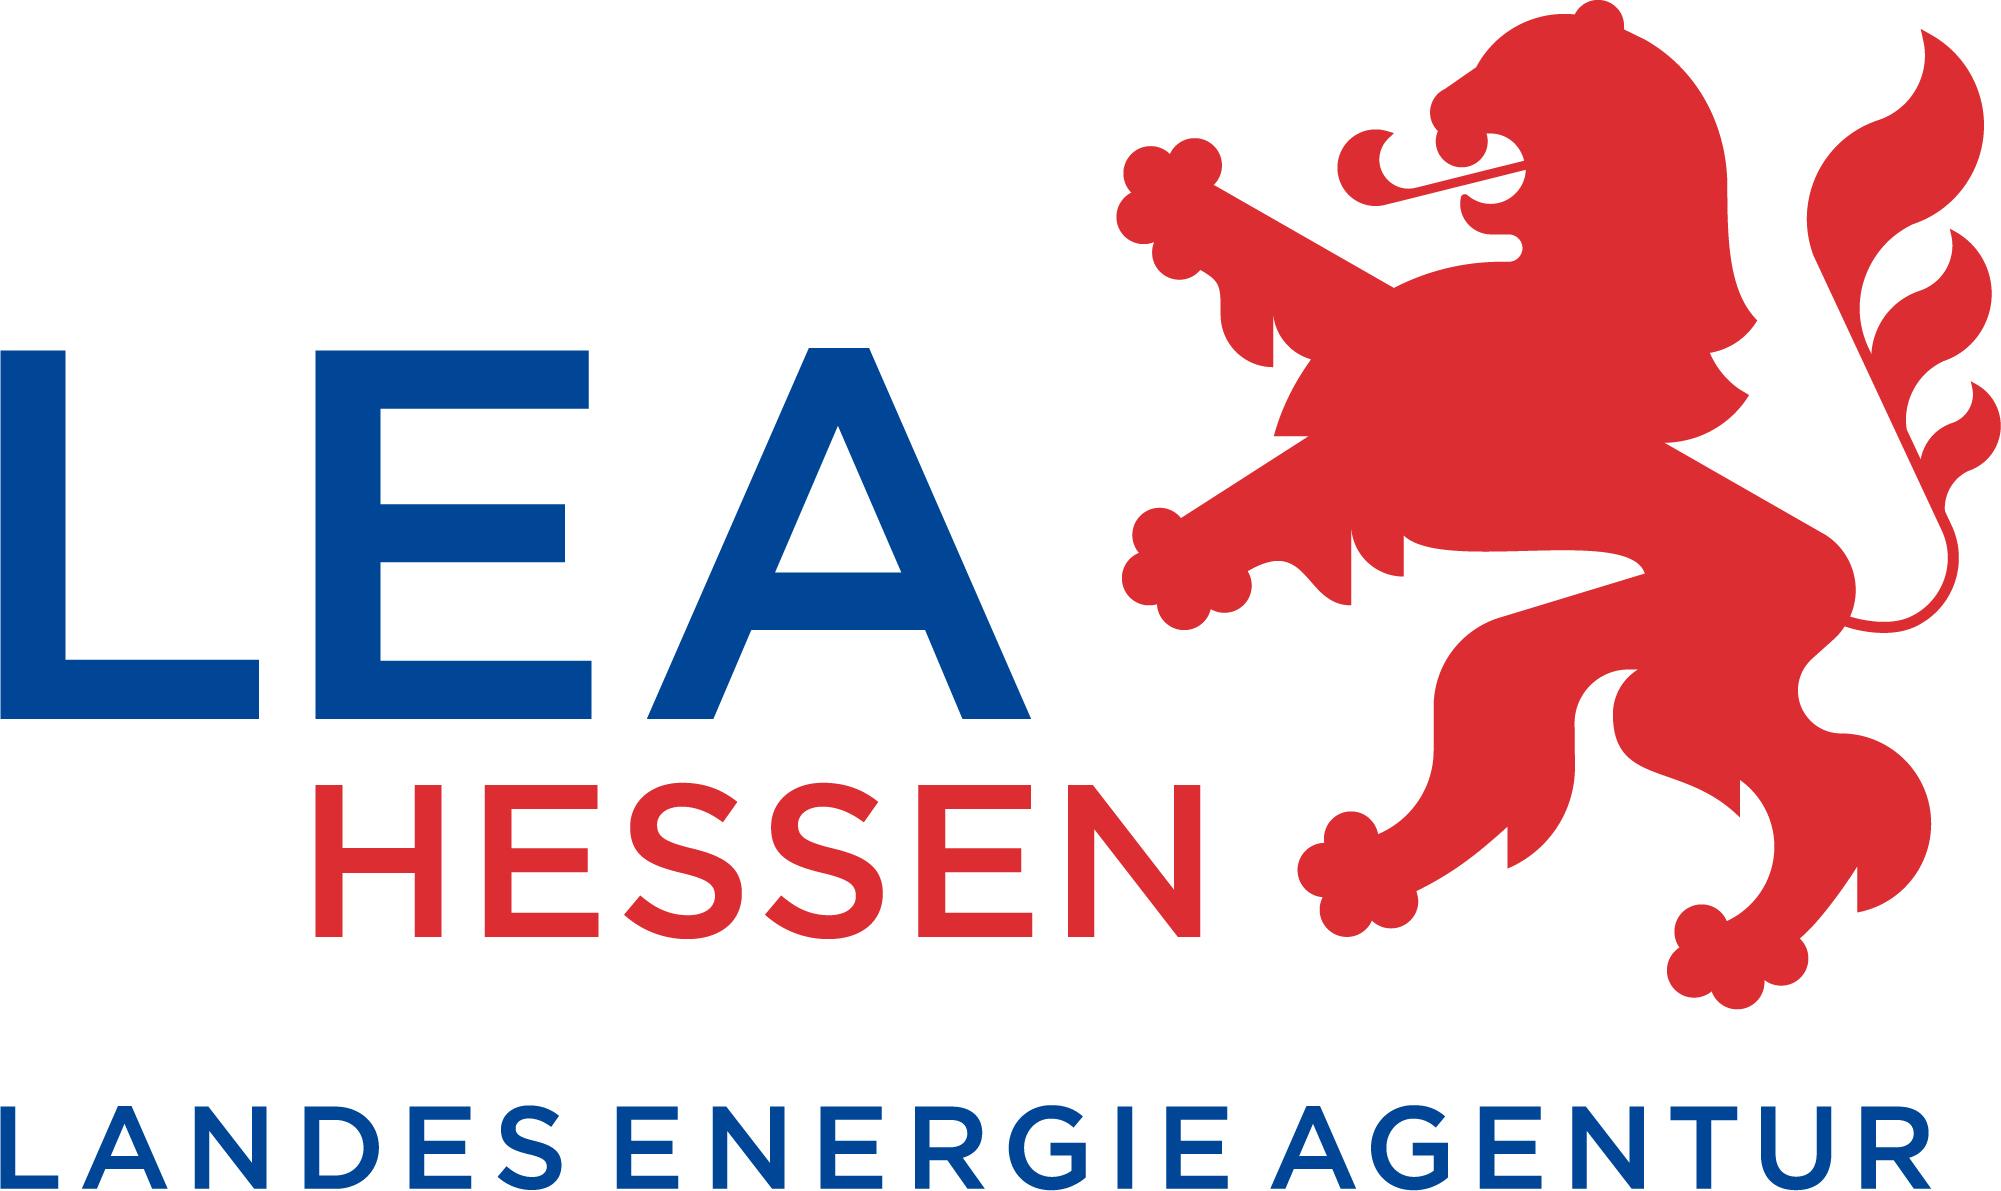 Landesenergieagentur / LEA